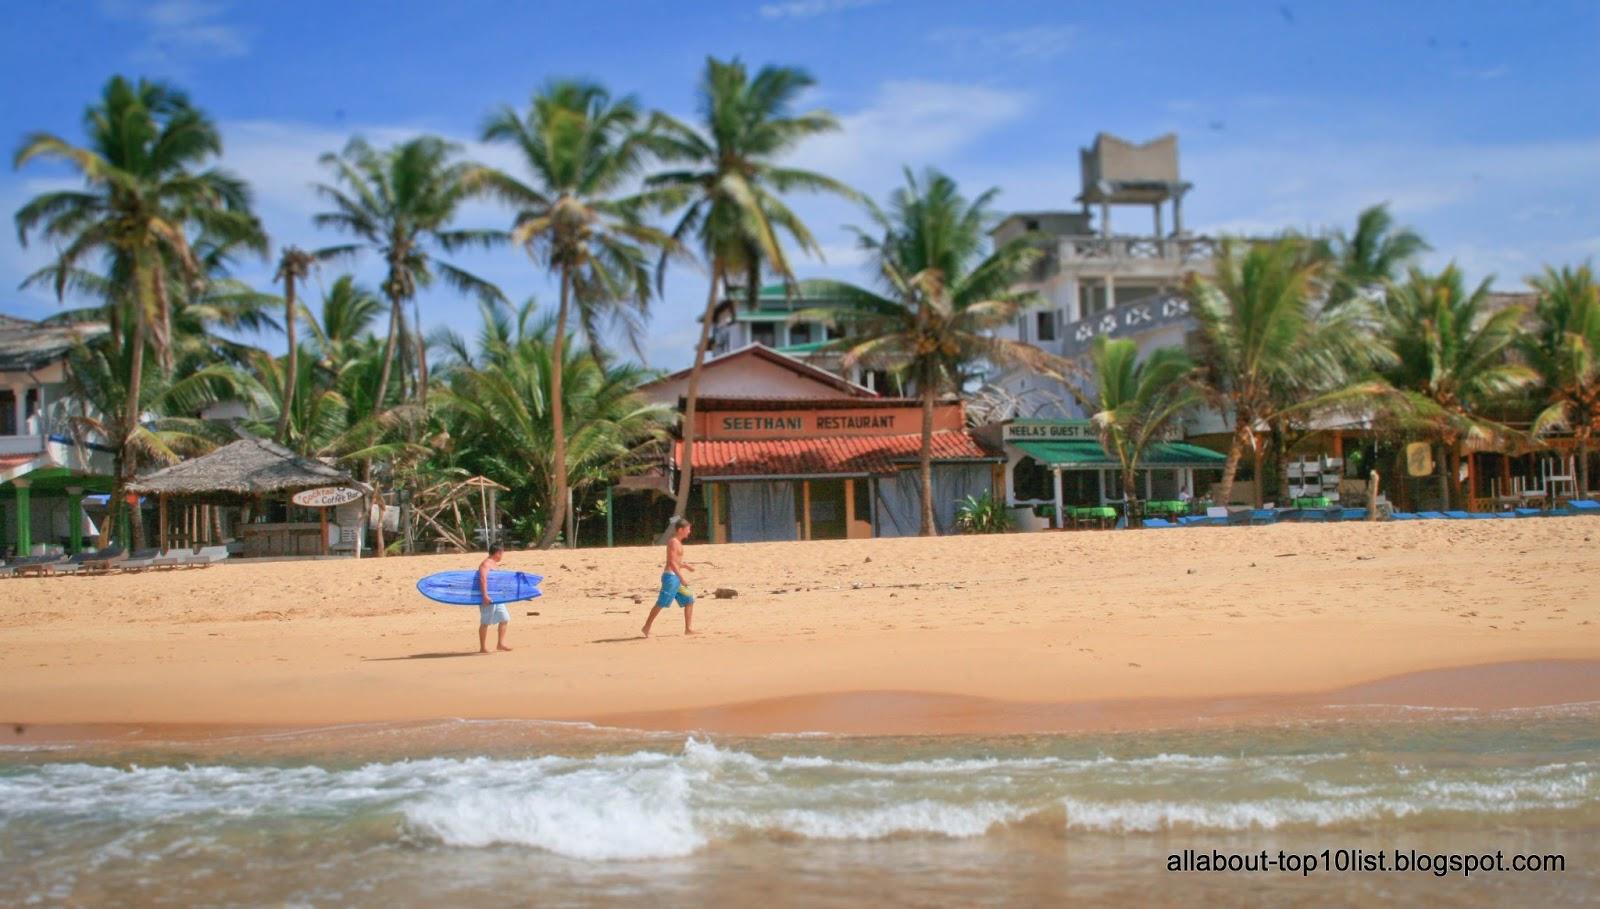 Hikkaduwa Sri Lanka  city photos gallery : The amazing world of top10: Surfing, Hikkaduwa, Sri Lanka